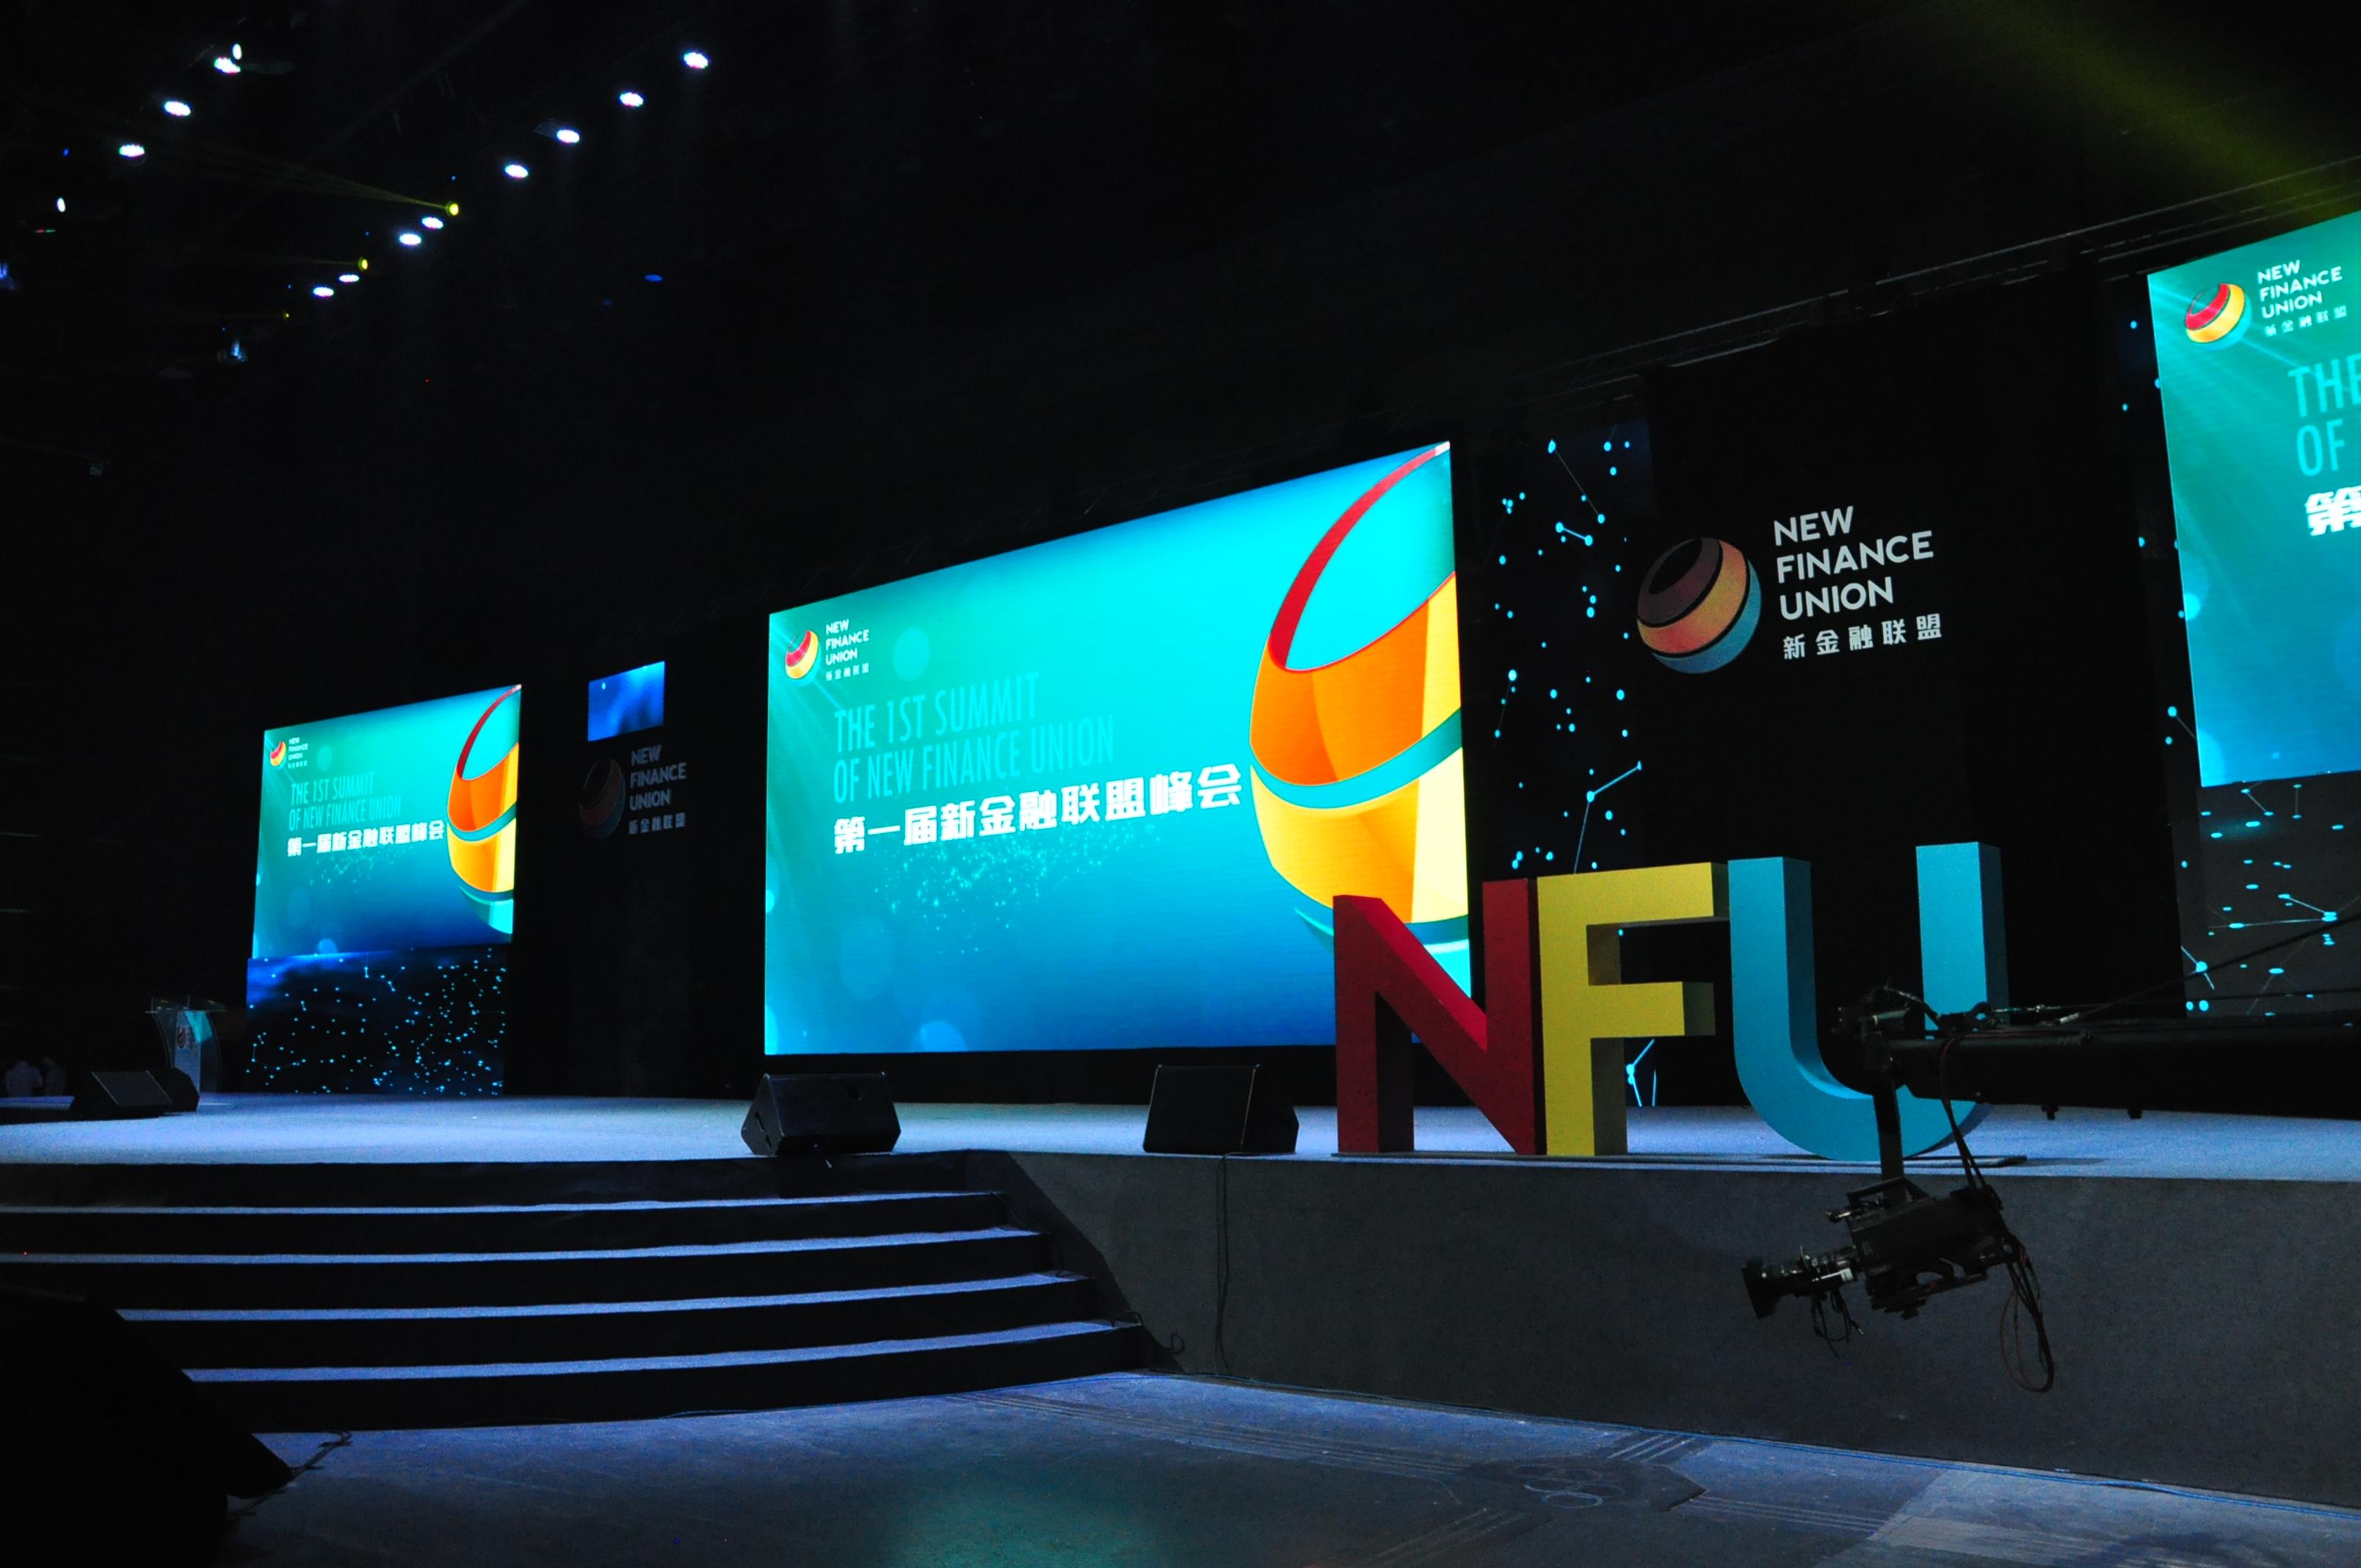 首届新金融联盟峰会-华丽精彩看点